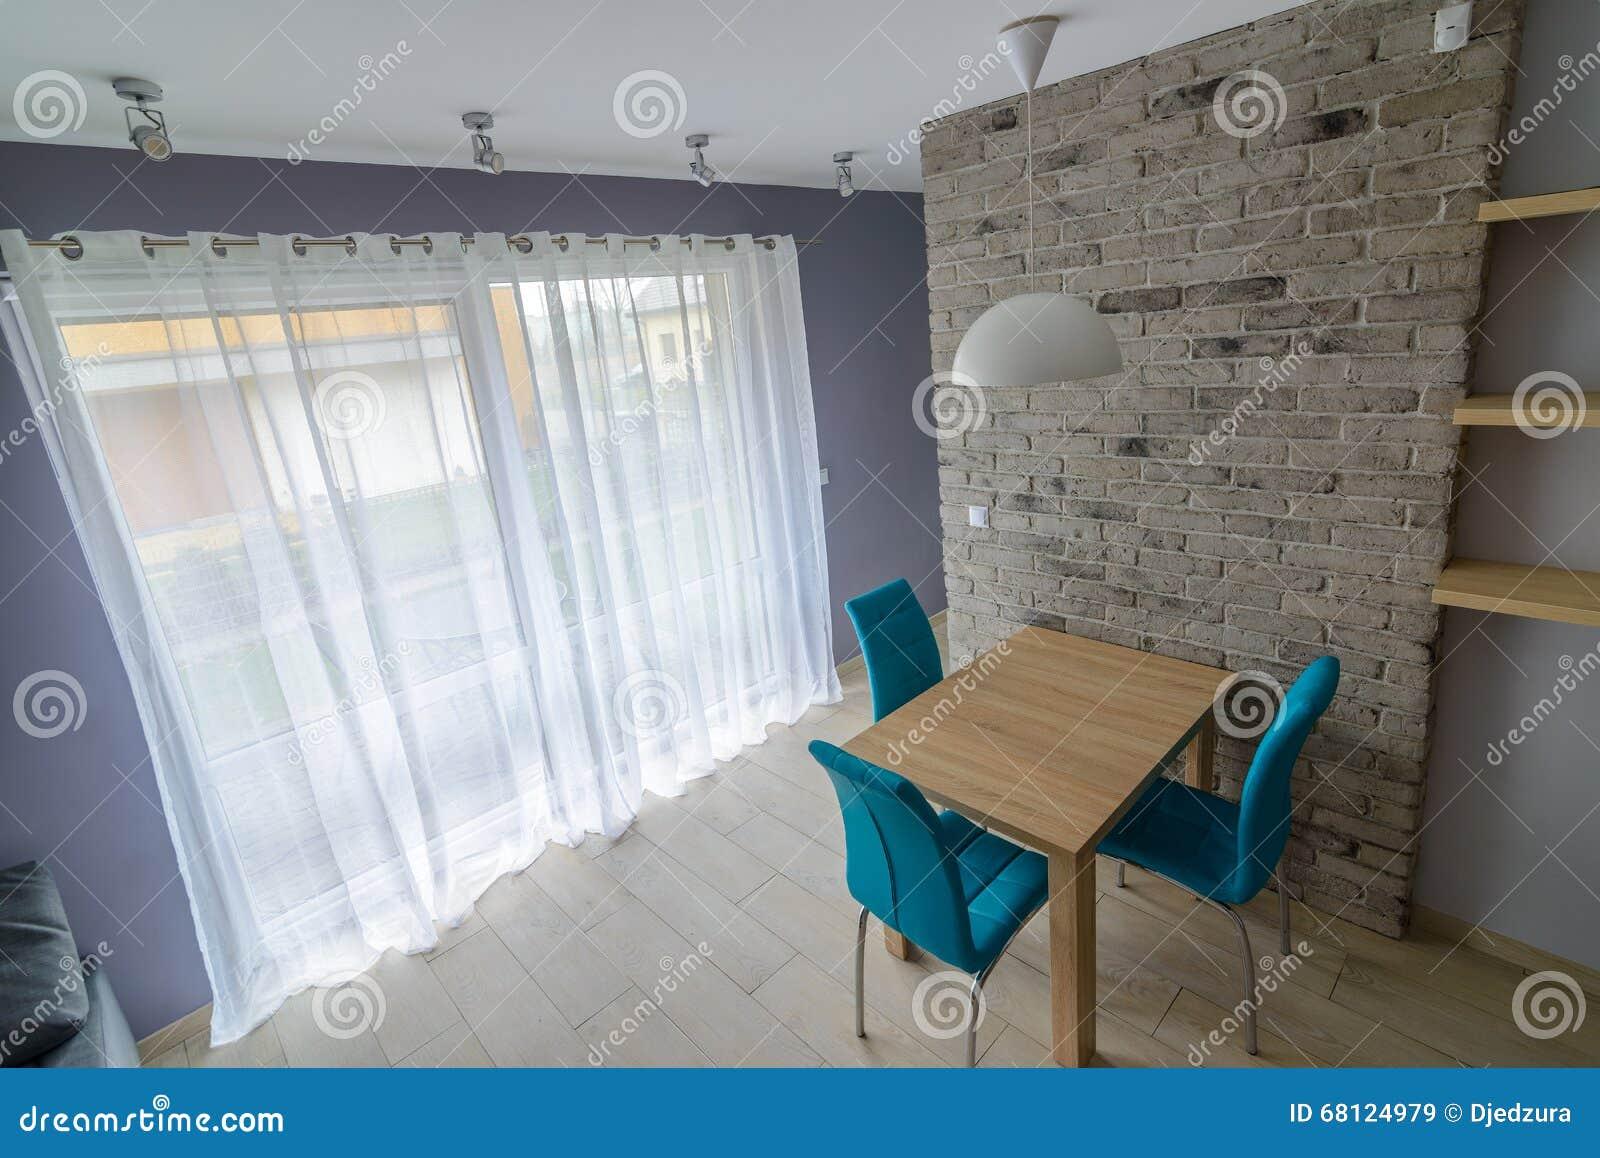 Salle A Manger Mur Gris en ce qui concerne salle à manger avec le vieux mur de briques gris image stock - image